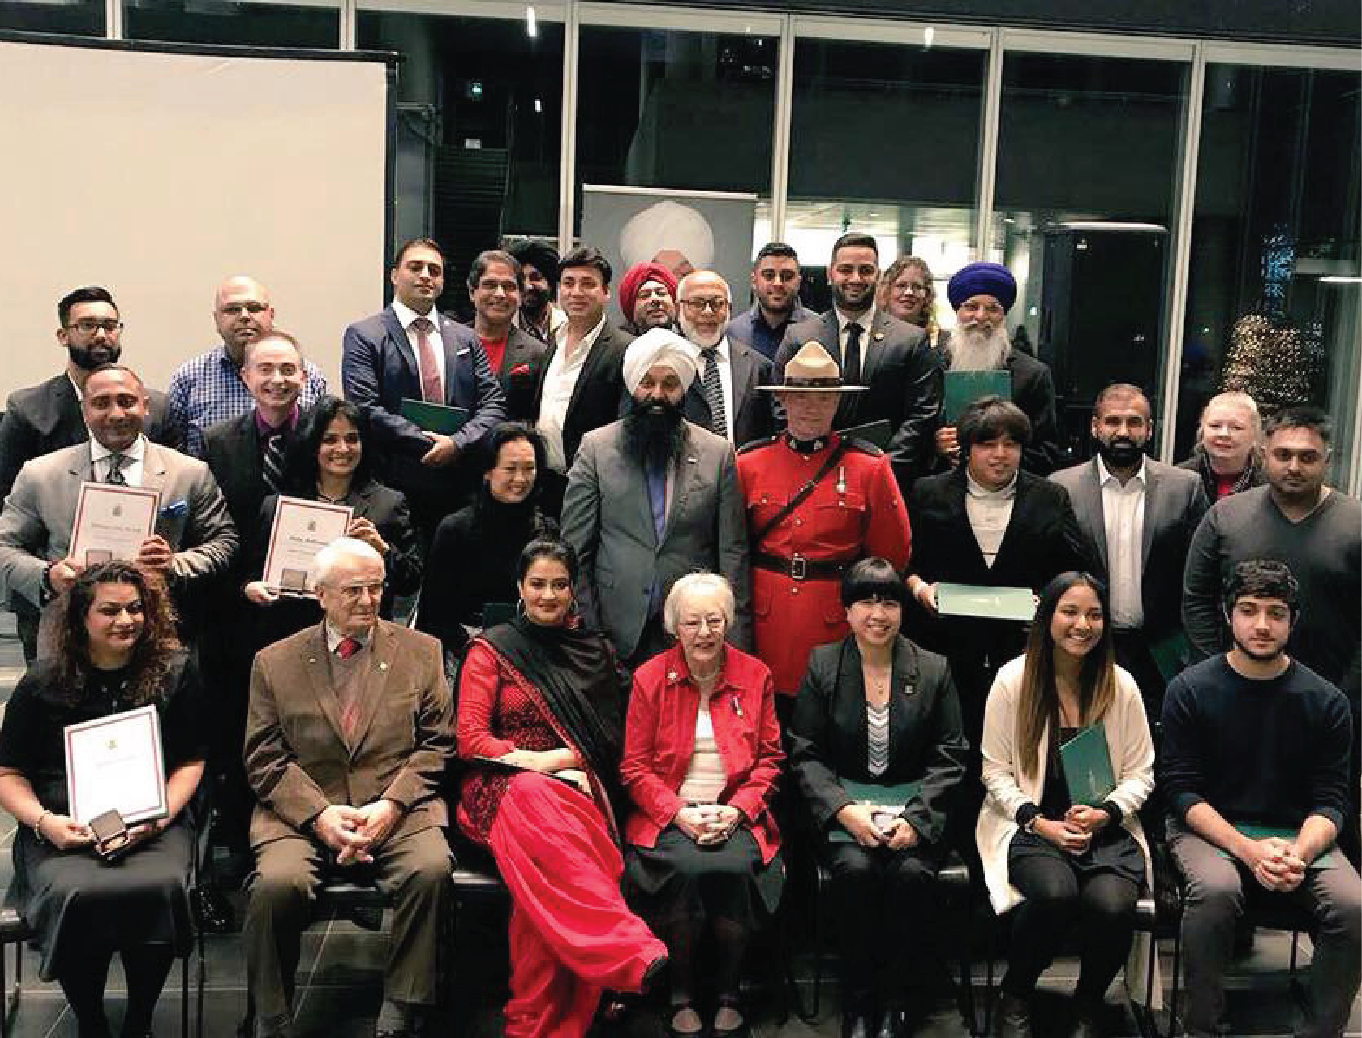 Surrey Centre Canada 150 Awards Ceremony